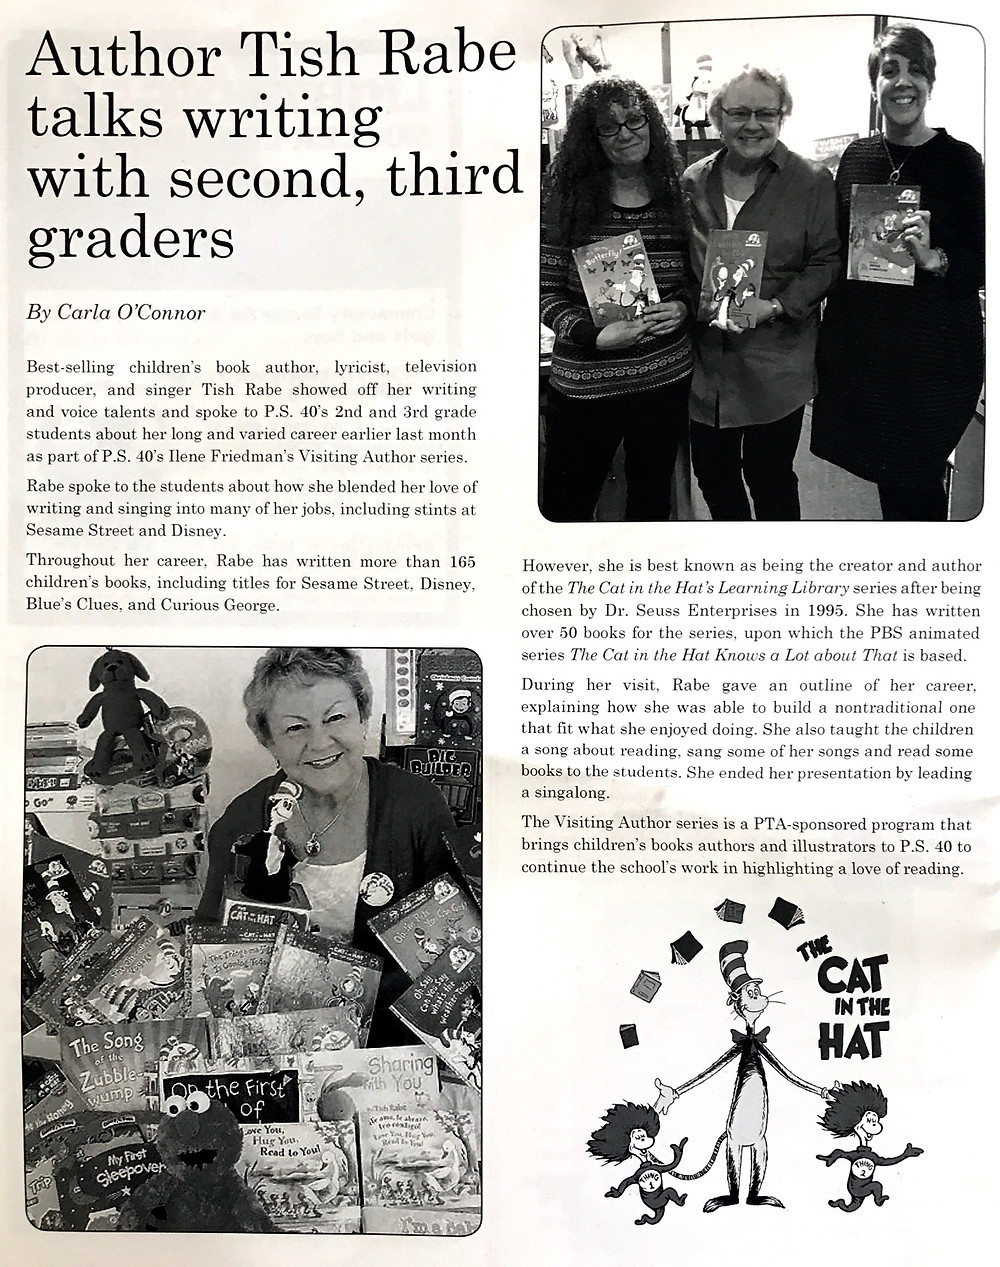 Tish Rabe author visits